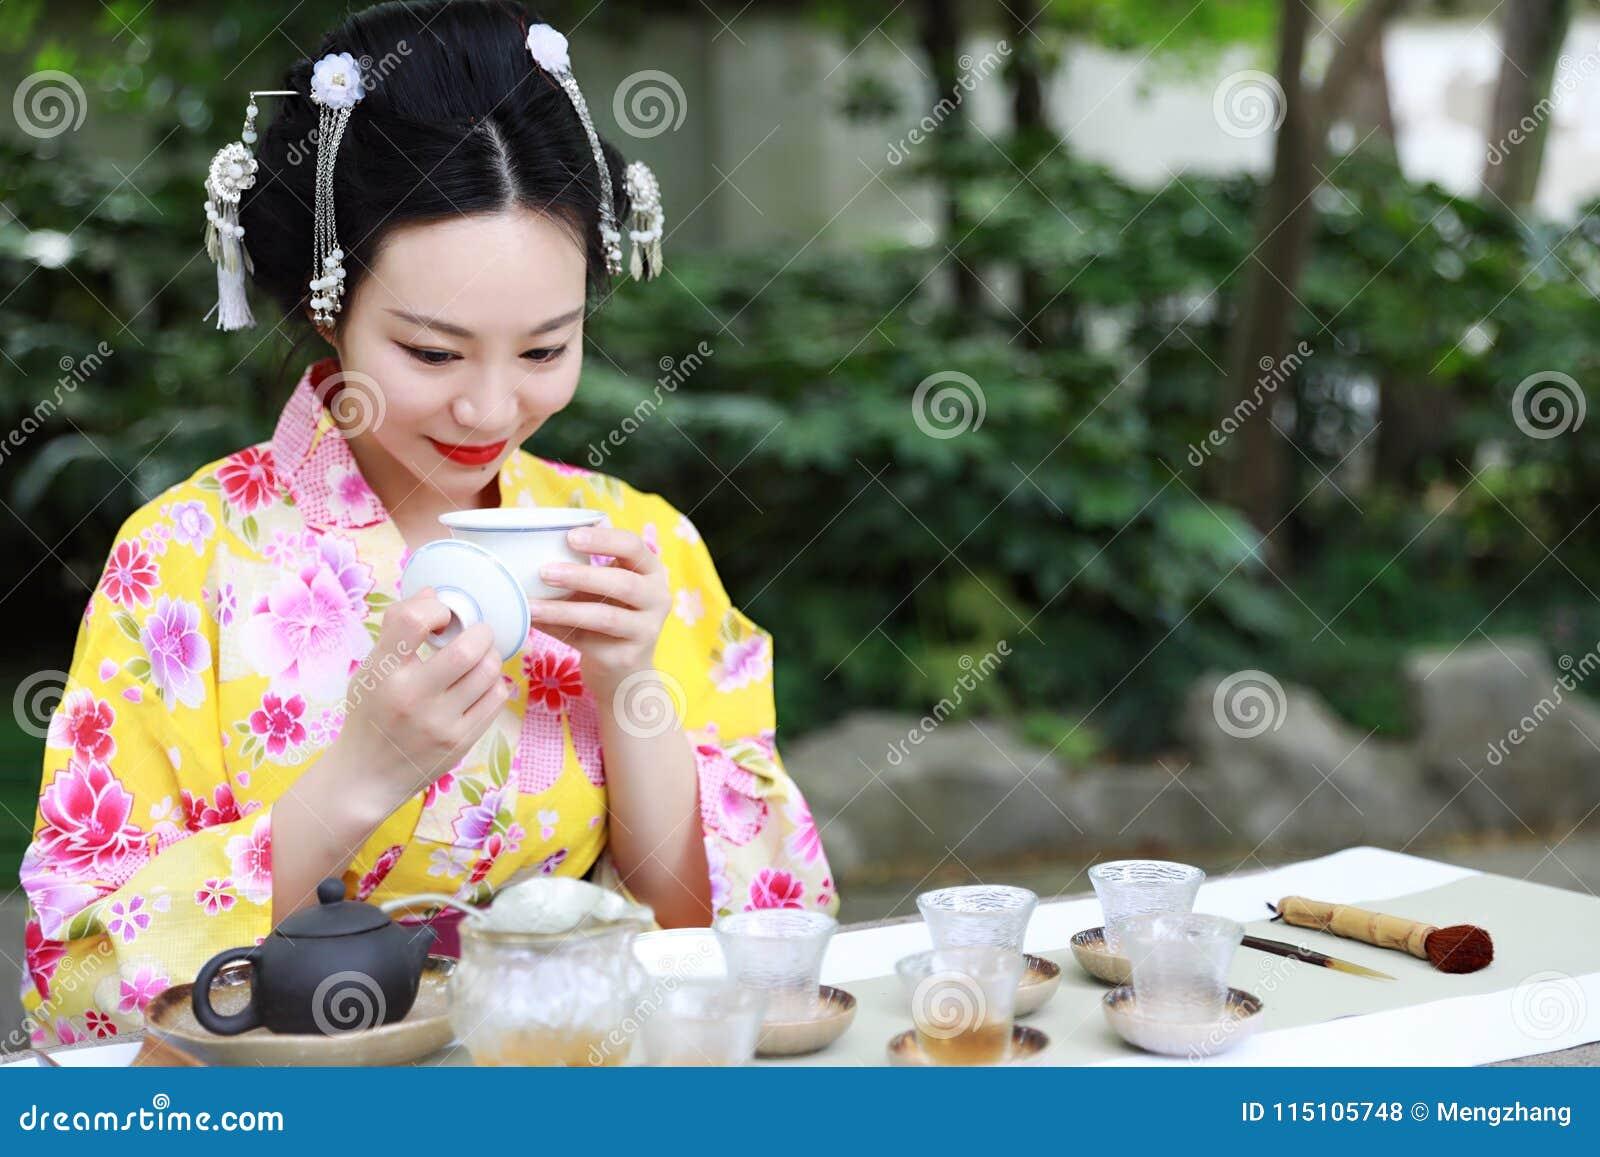 Traditionelle Asiatische Japanische Schone Geishafrau Tragt